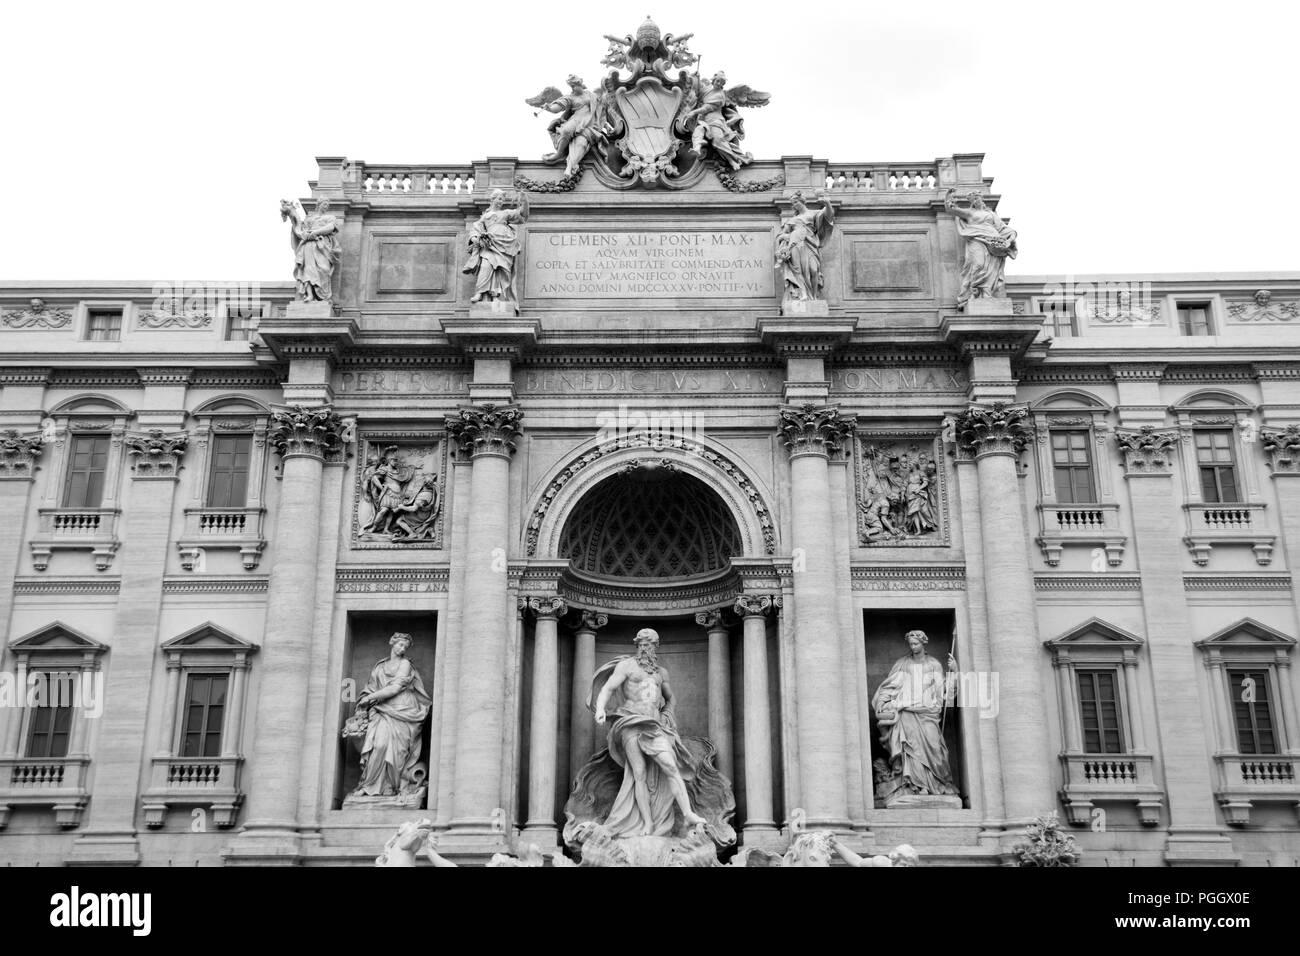 Trevi Fountain, Rome, Italy - Stock Image